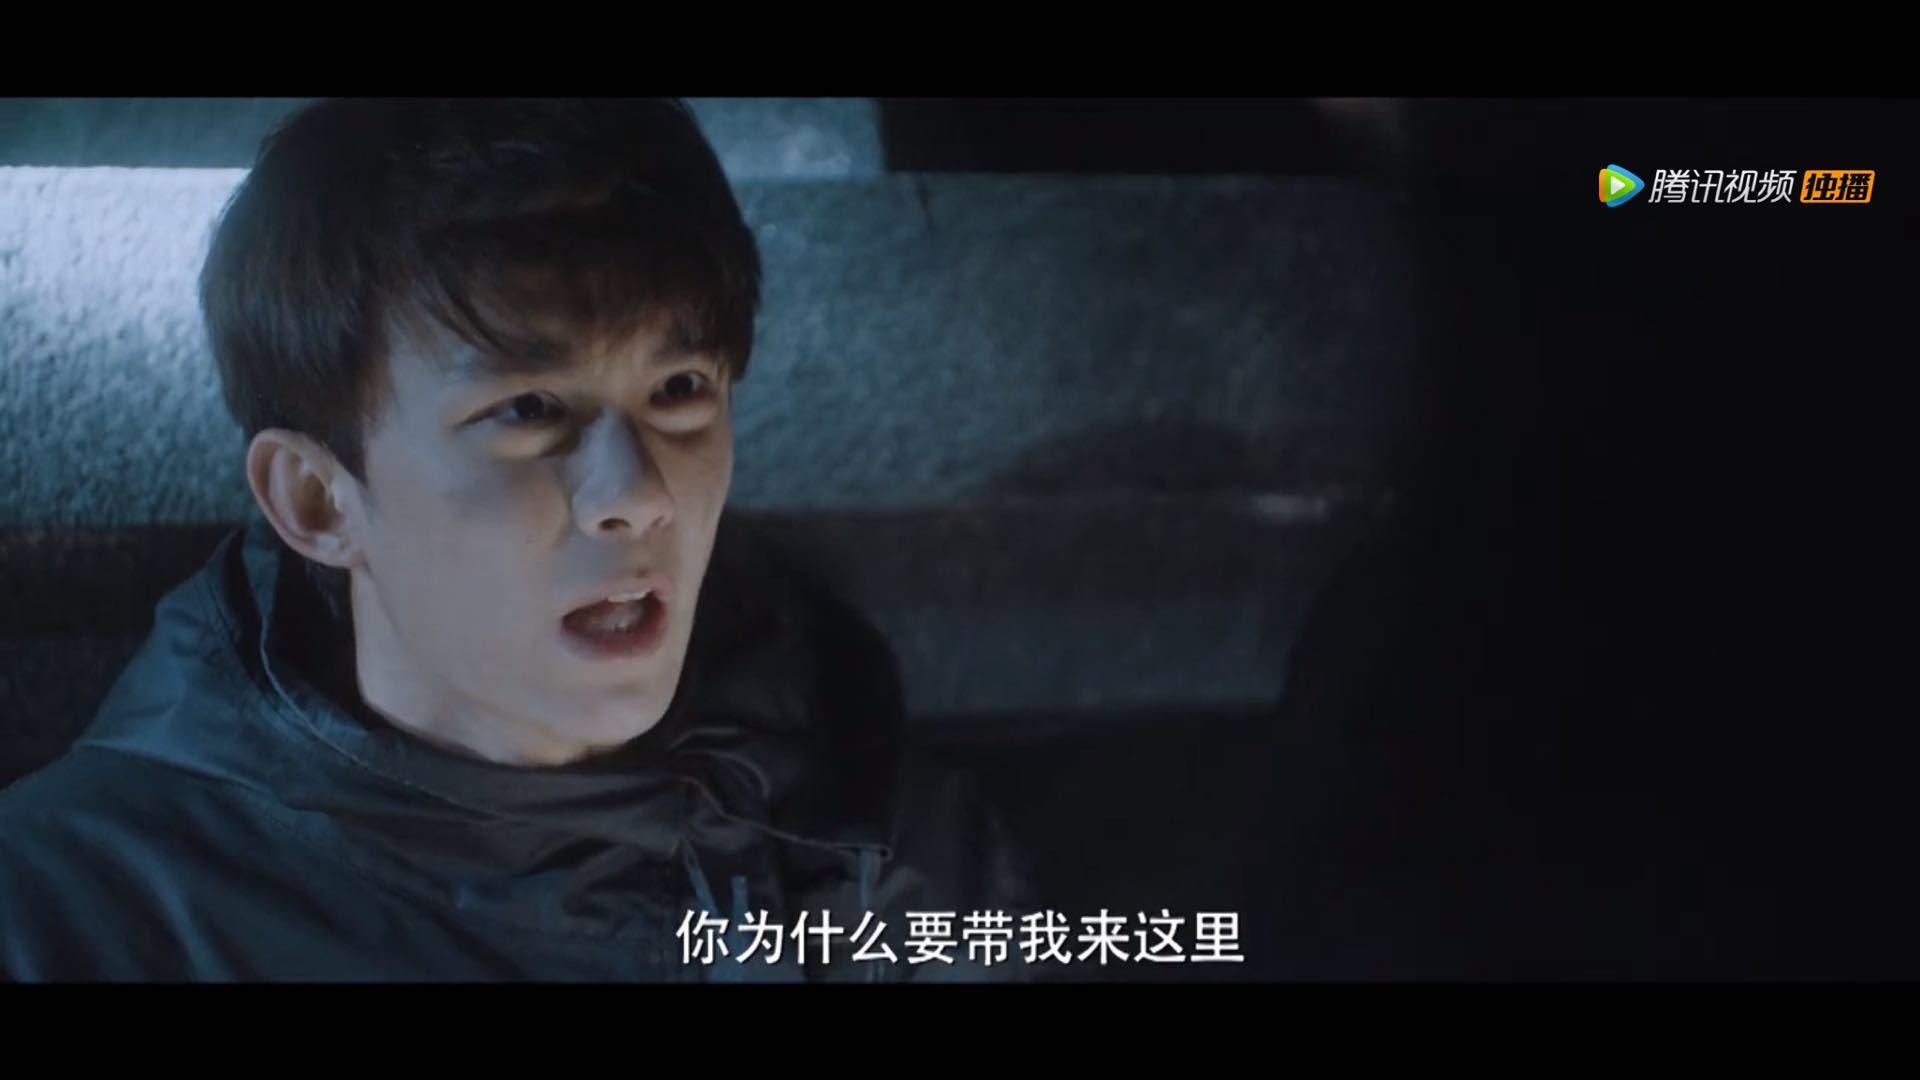 不靠颜值靠演技,《沙海》中的吴磊在这几个方面表现出色的照片 - 2